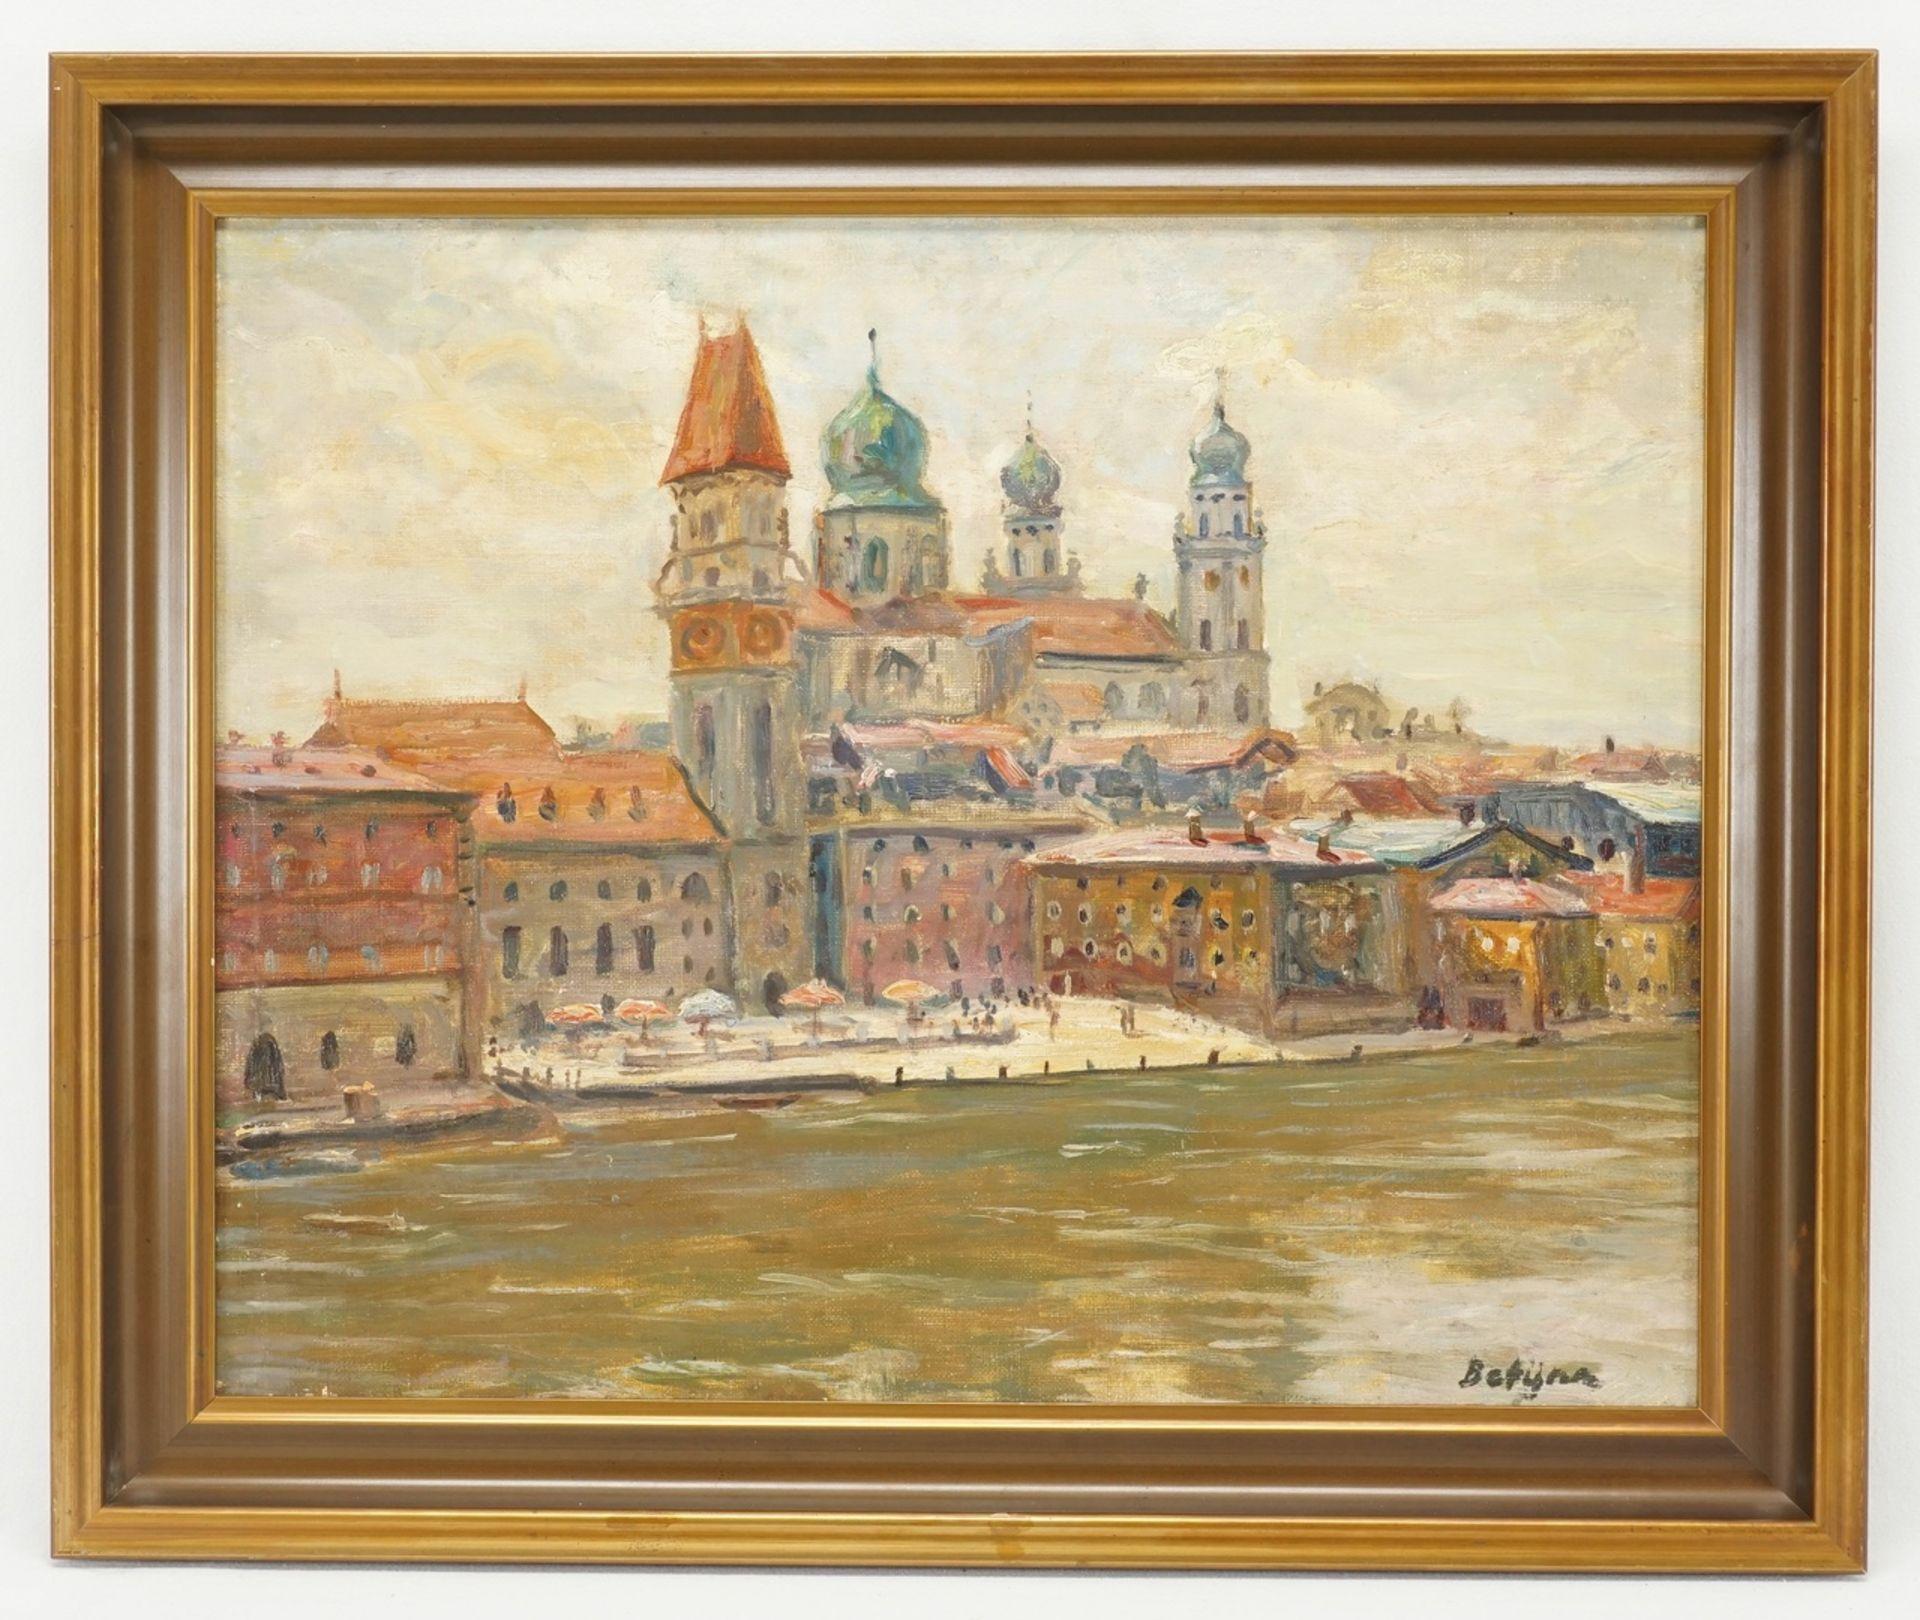 Paul Betyna, Teilansicht von Passau mit dem Dom - Bild 2 aus 4